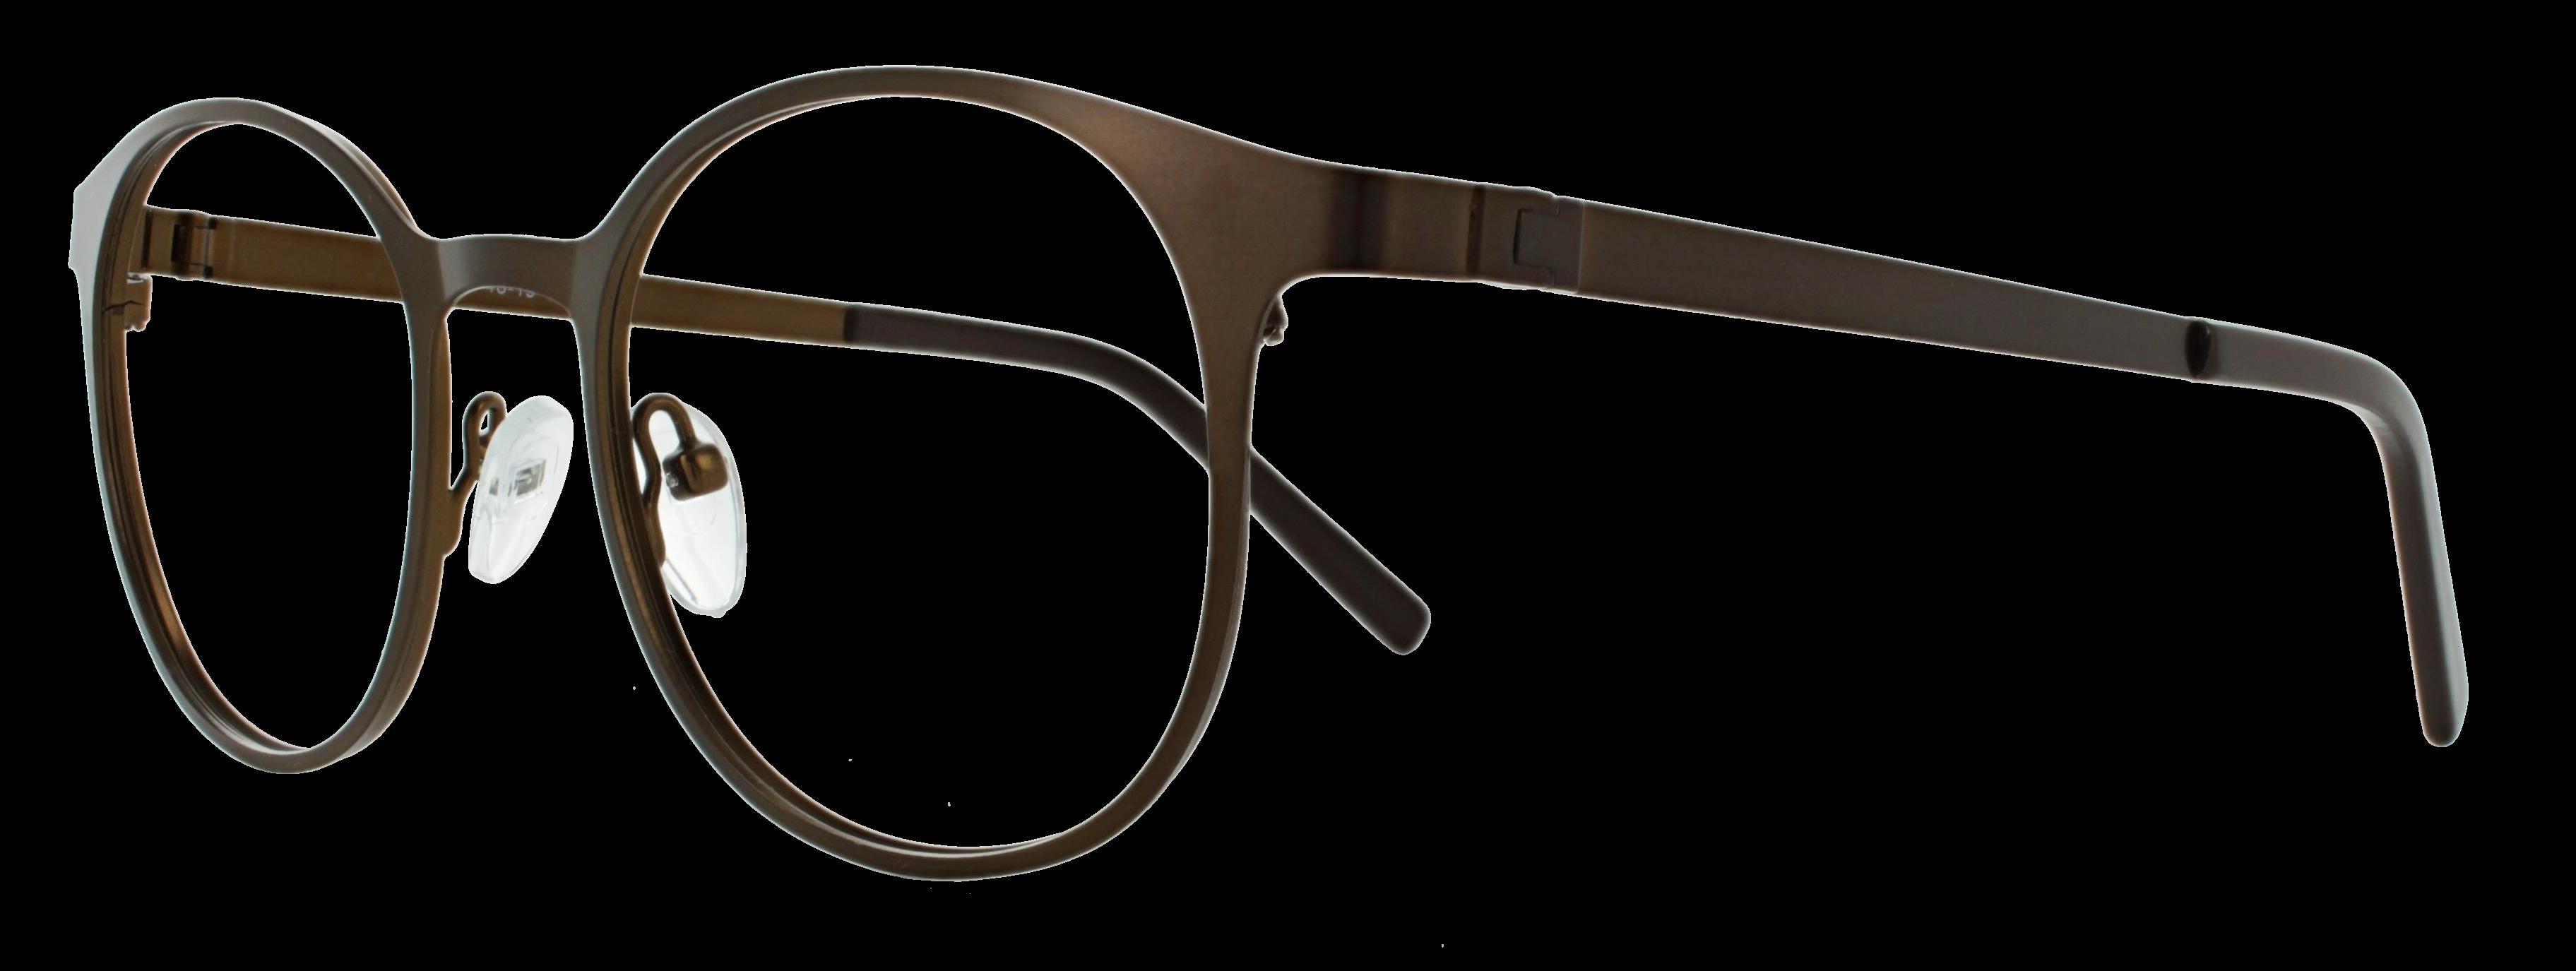 abele optik Brille 137462